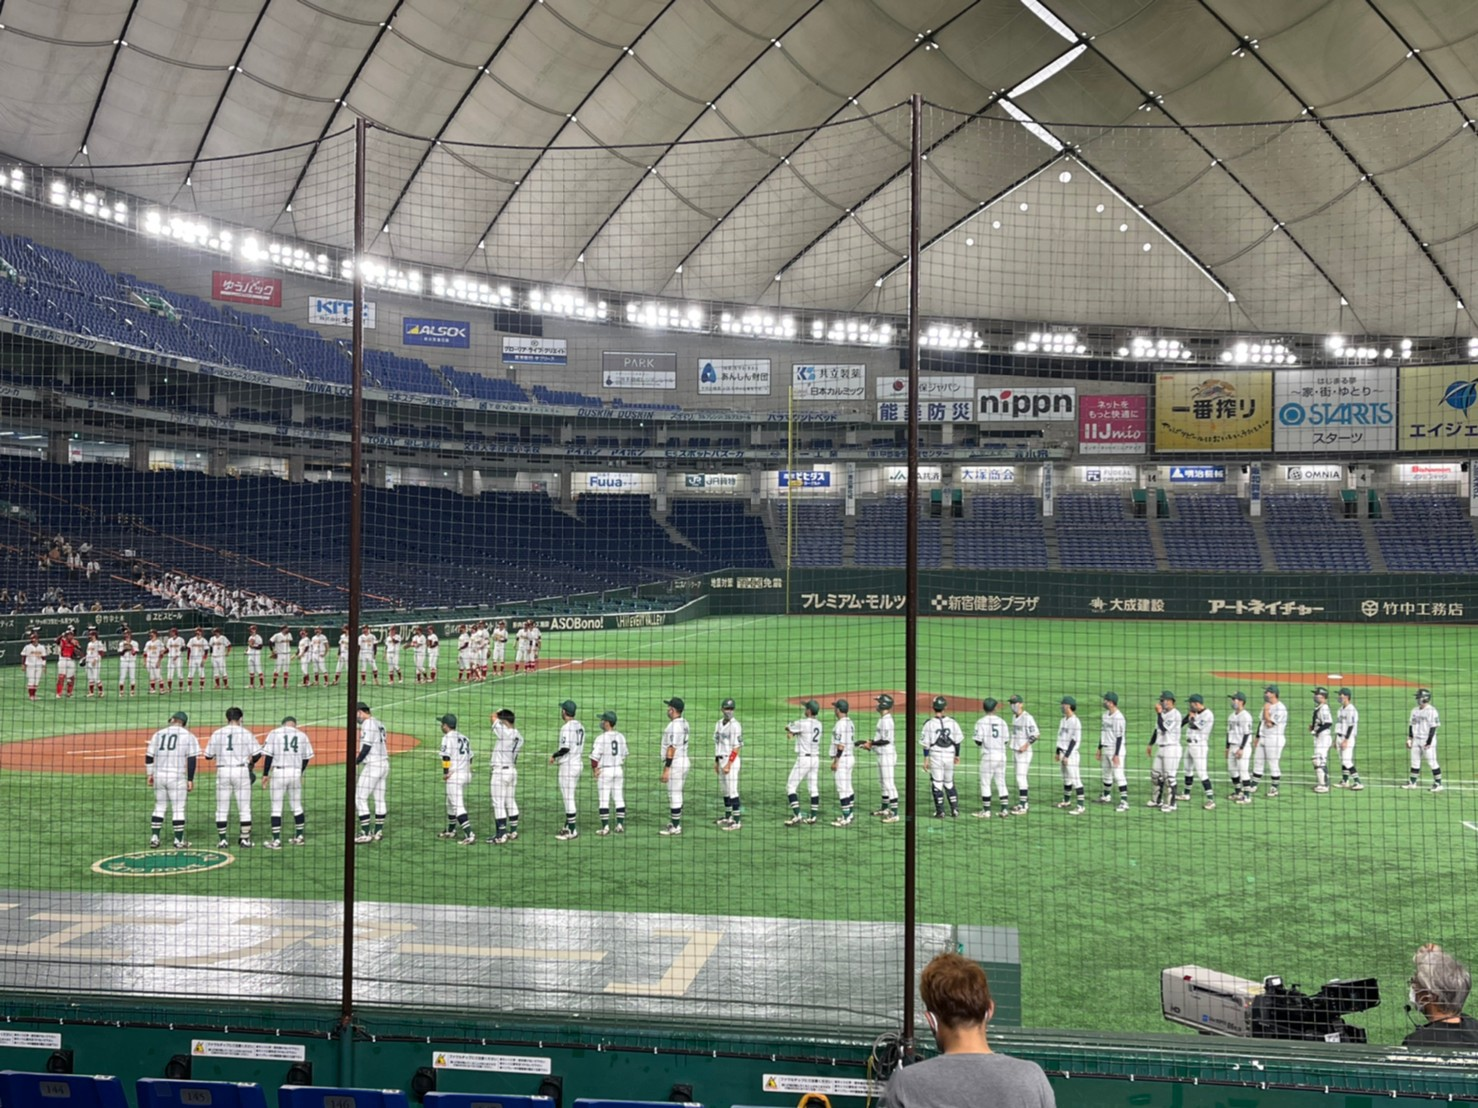 全日本大学野球選手権記念大会。ご声援ありがとうございました。